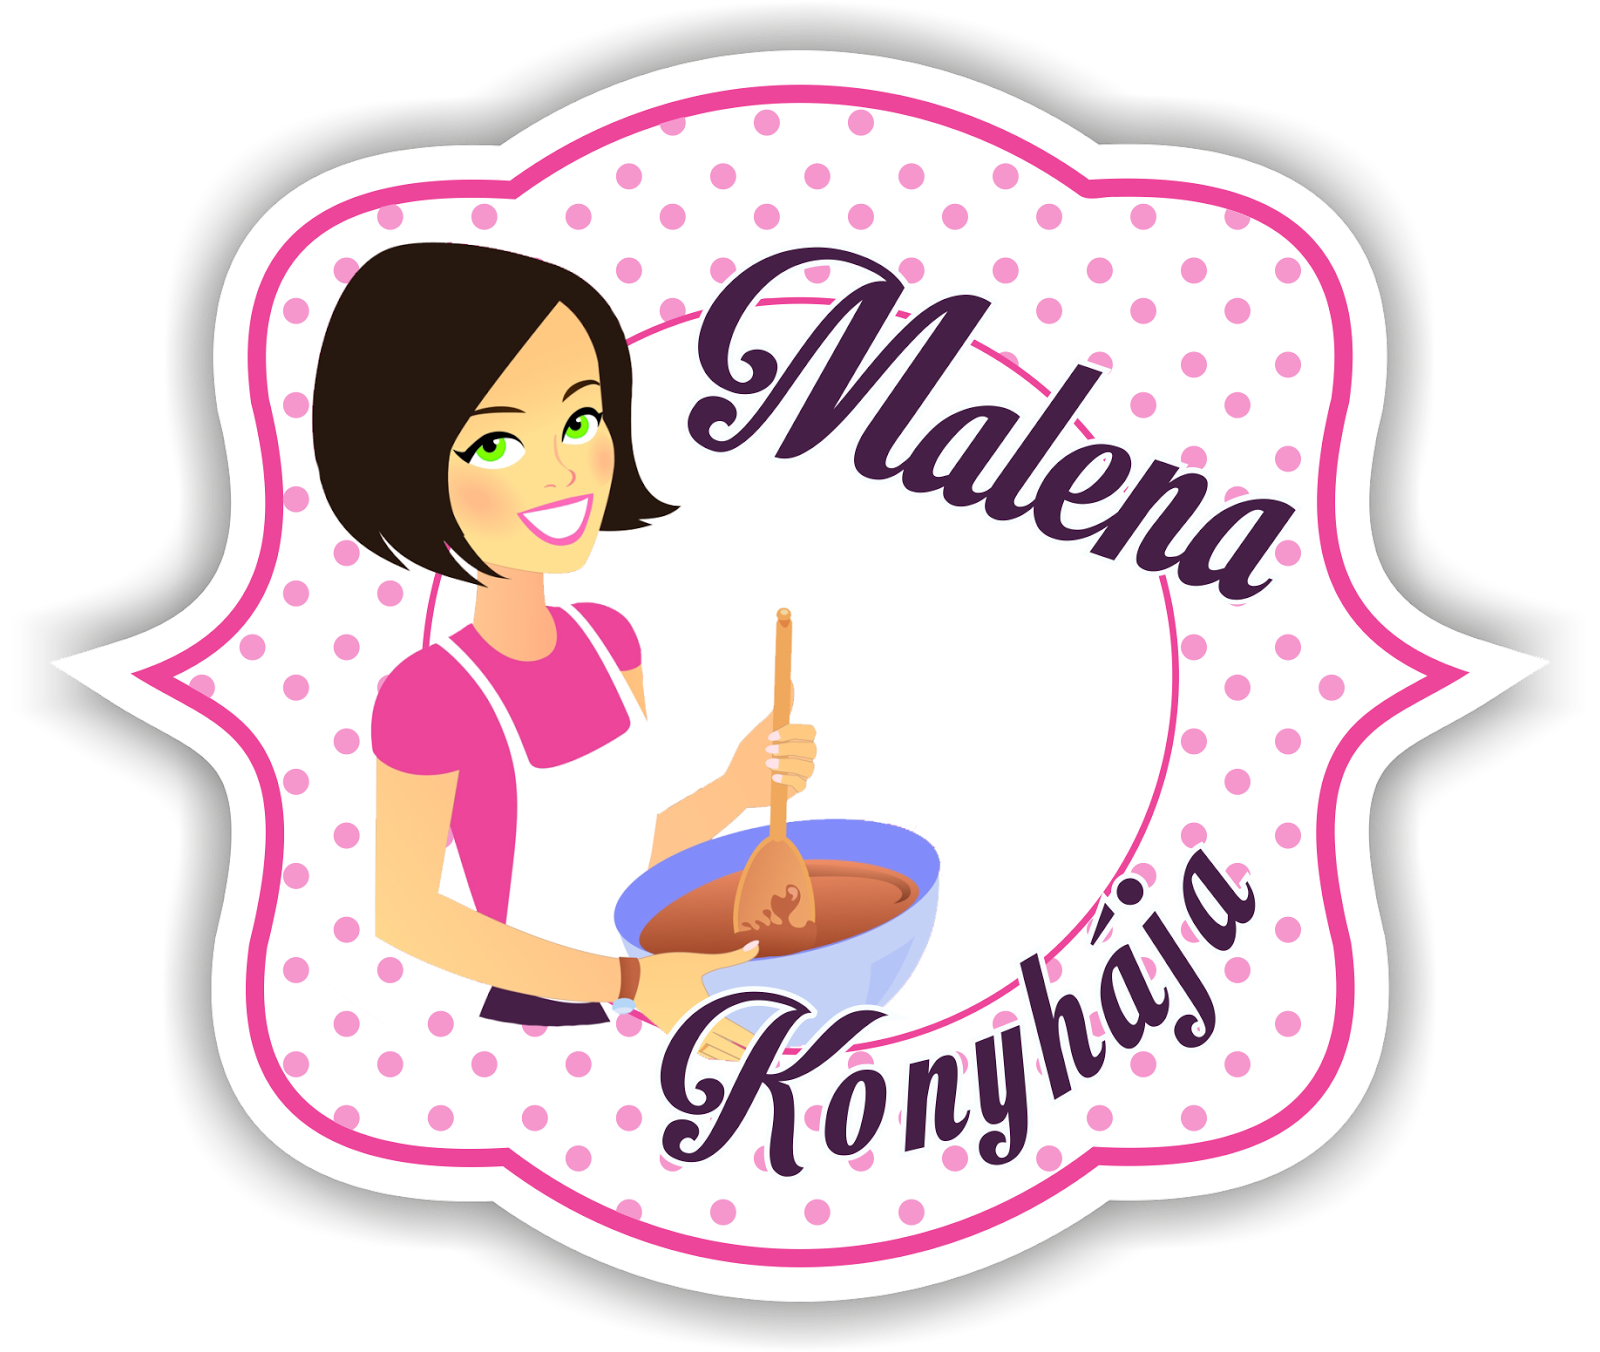 Malena Konyhája